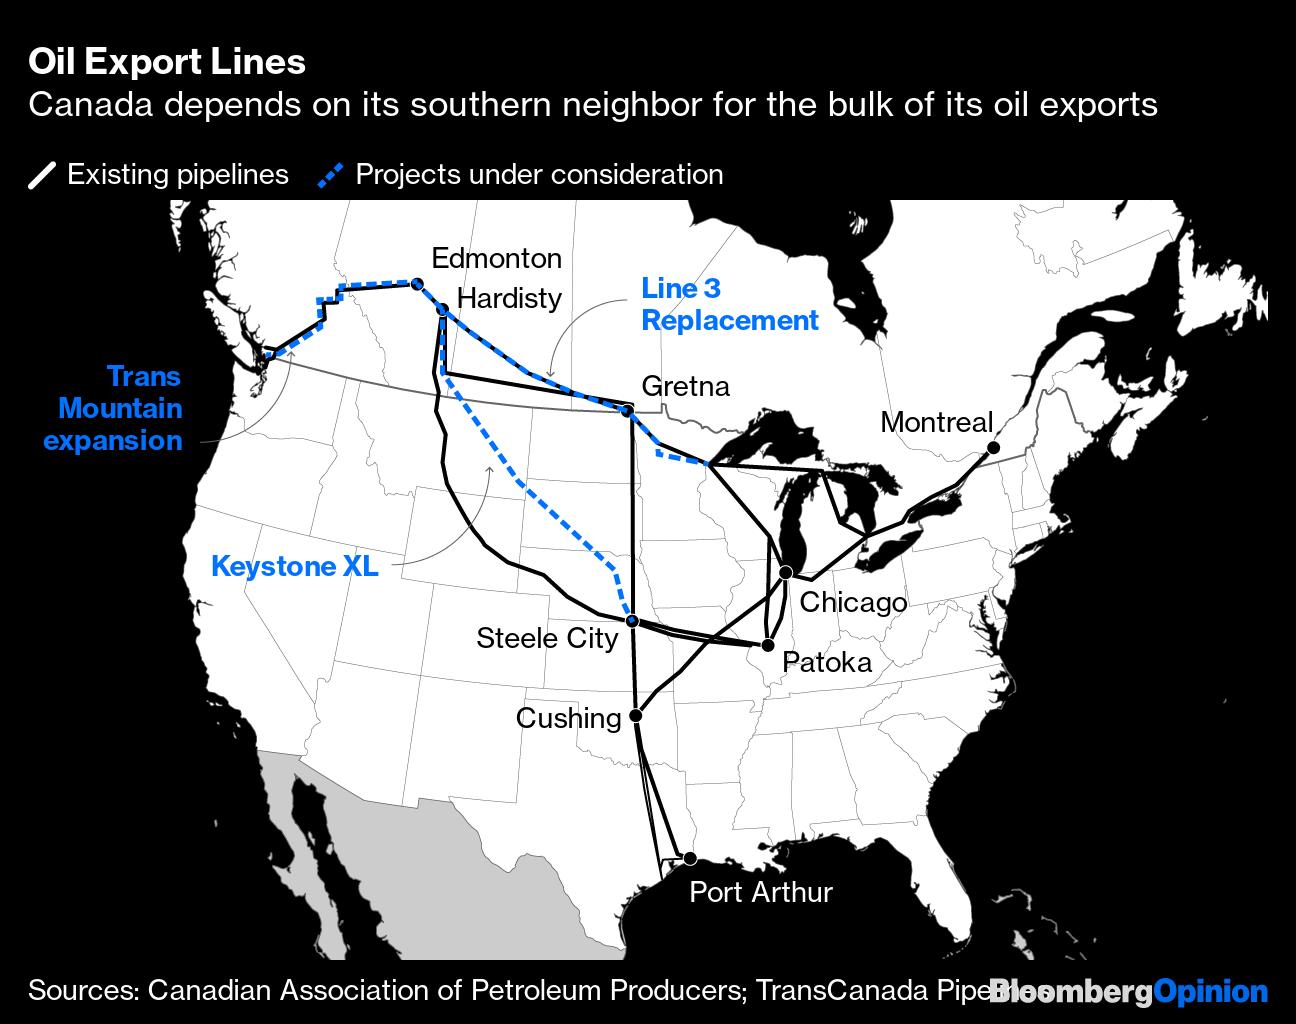 Oil Export Lines